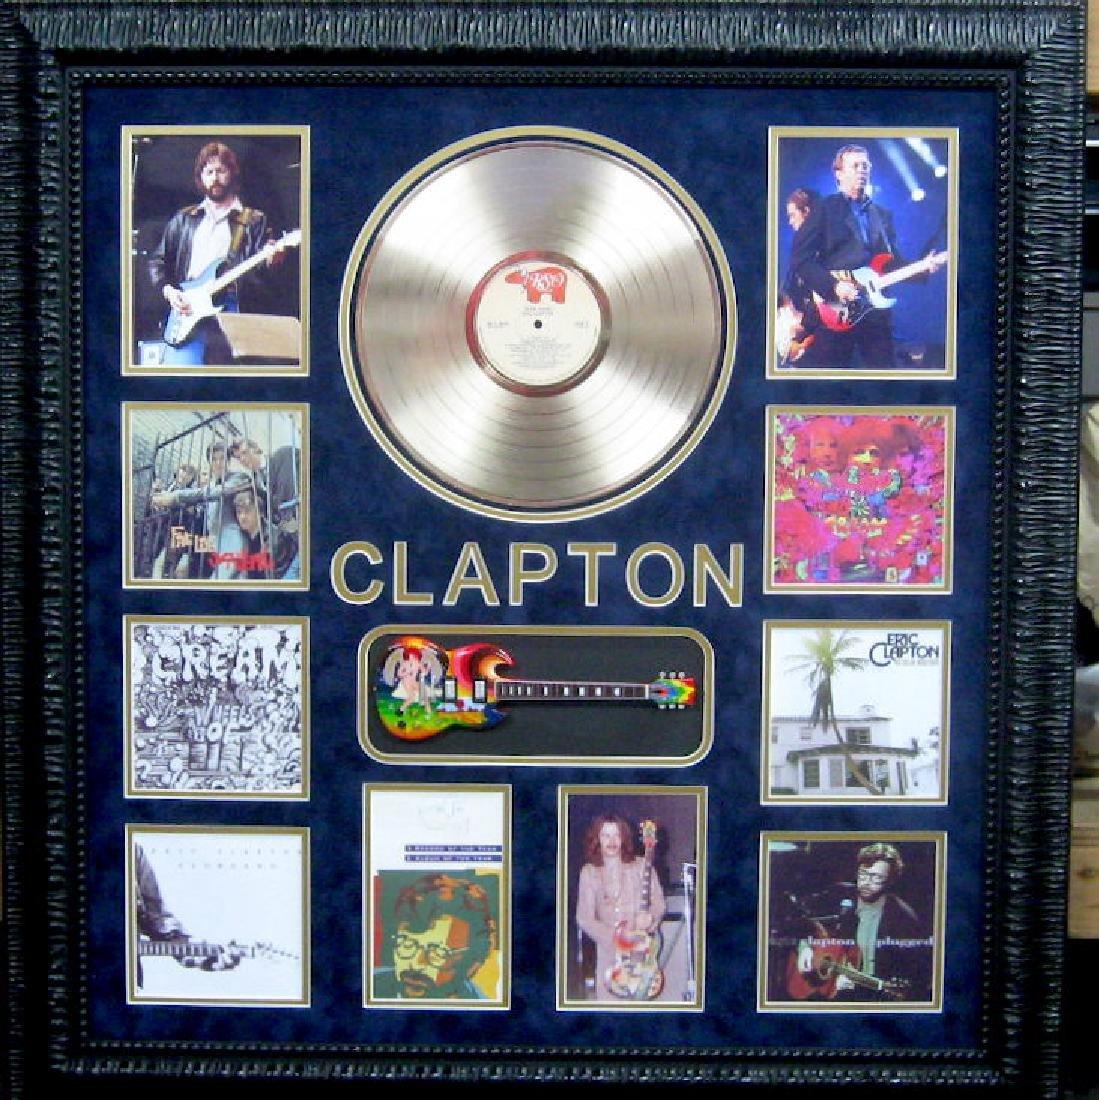 Authentic Eric Clapton Signature With Gold Album